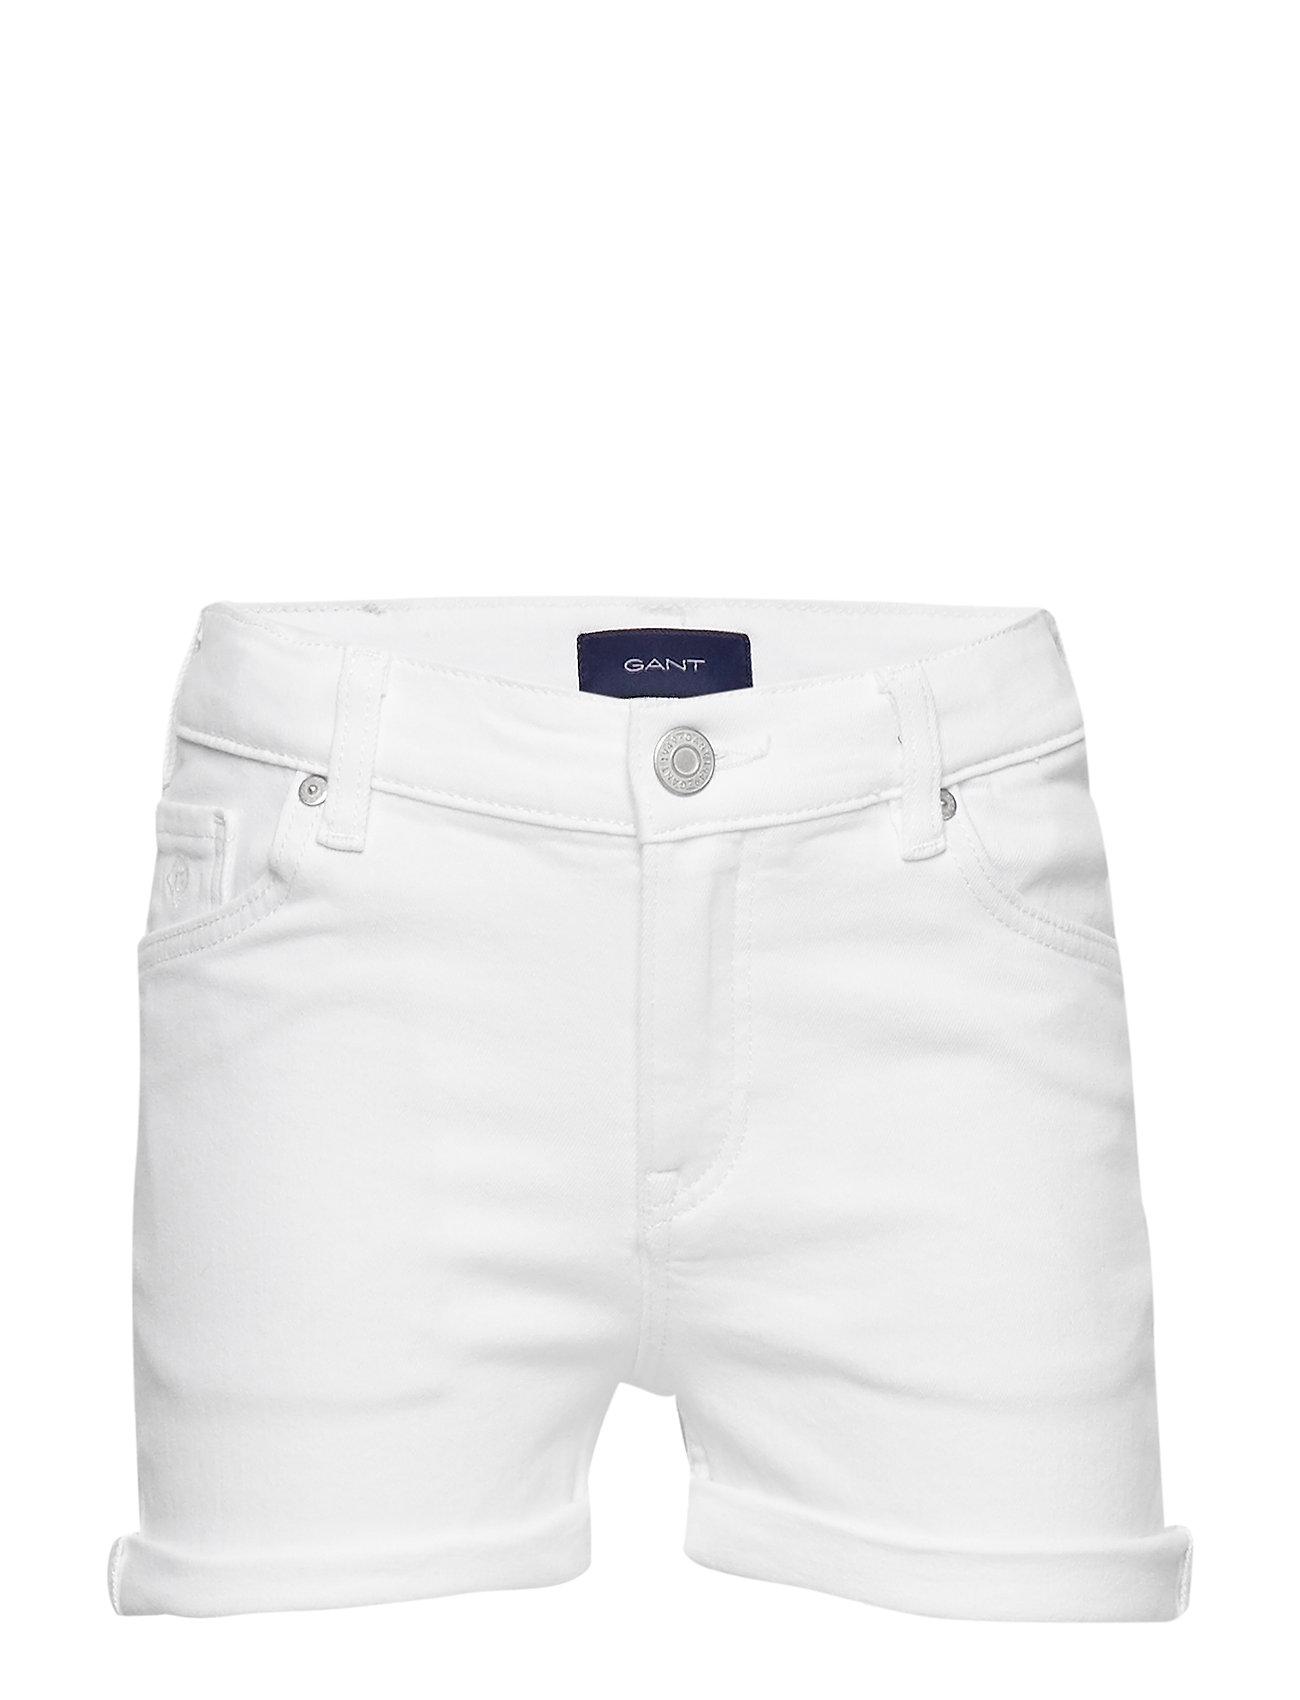 Gant D2. TWILL SHORTS - WHITE